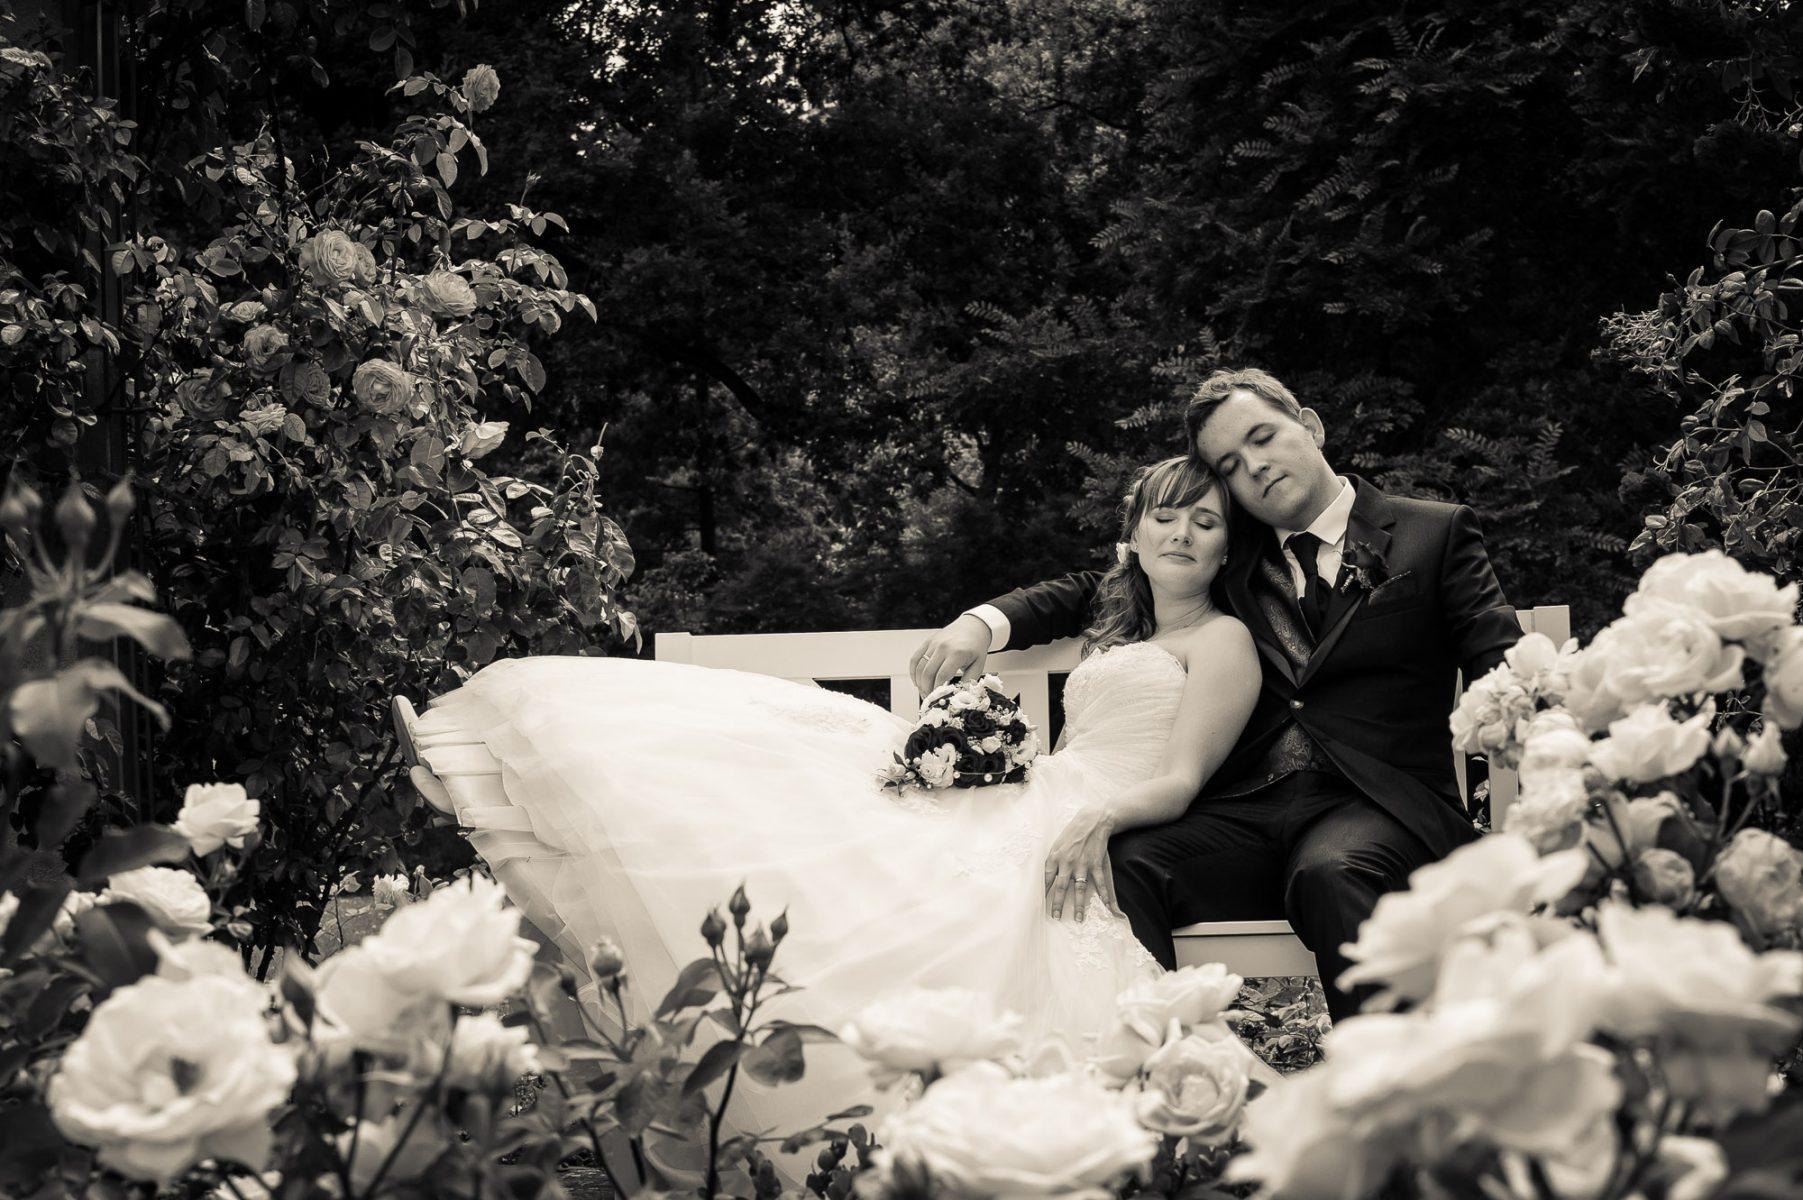 Hochzeit B2000  228631 072 1803x1200 - Hochzeitsfotografie